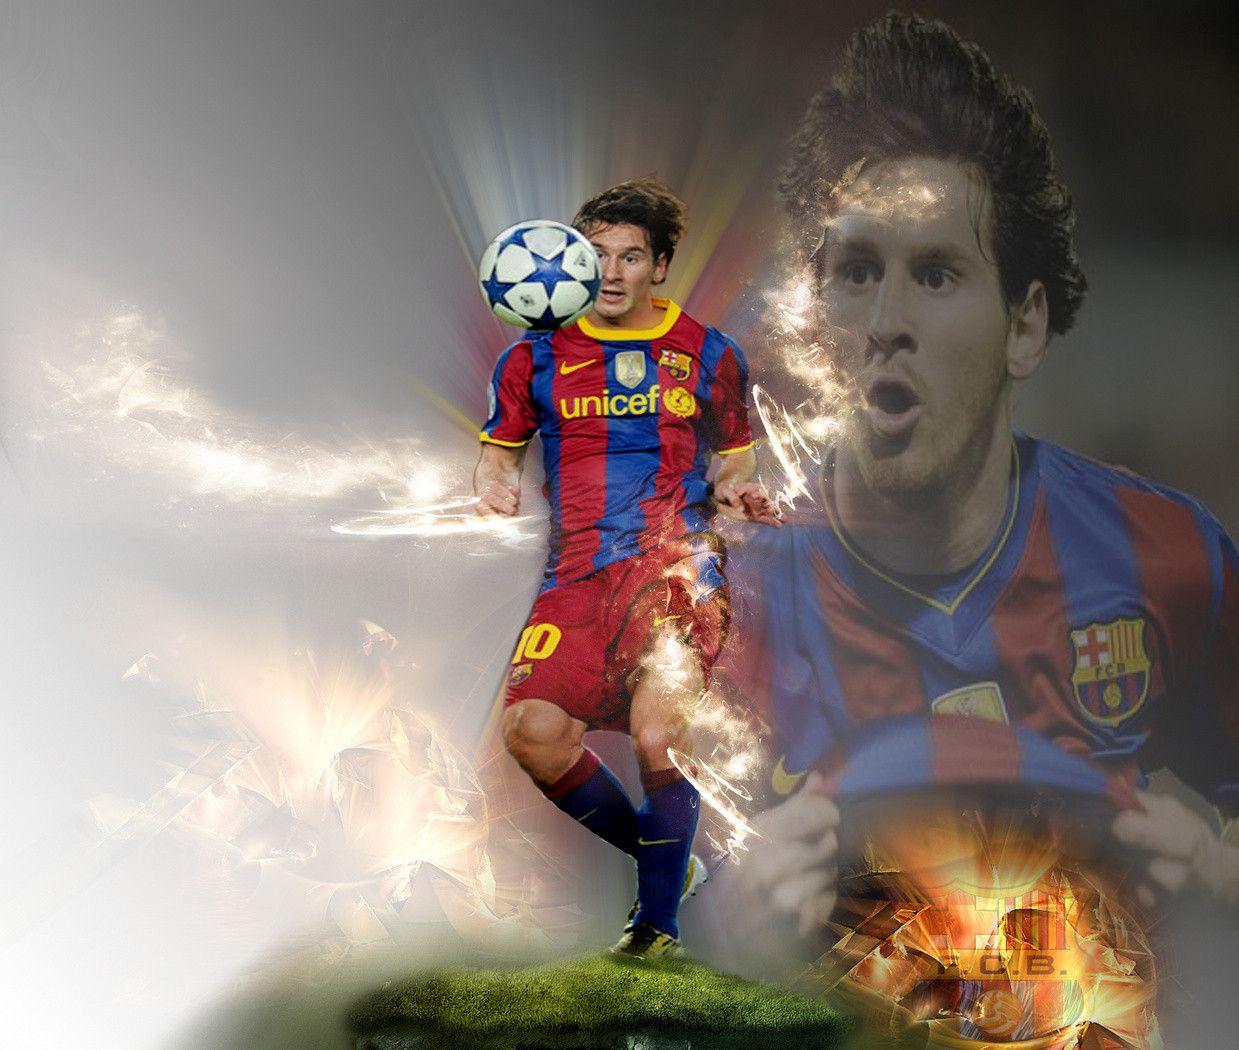 Lionel Messi Wallpaper Hd 1080P 12 HD Wallpapers amagicocom 1239x1050